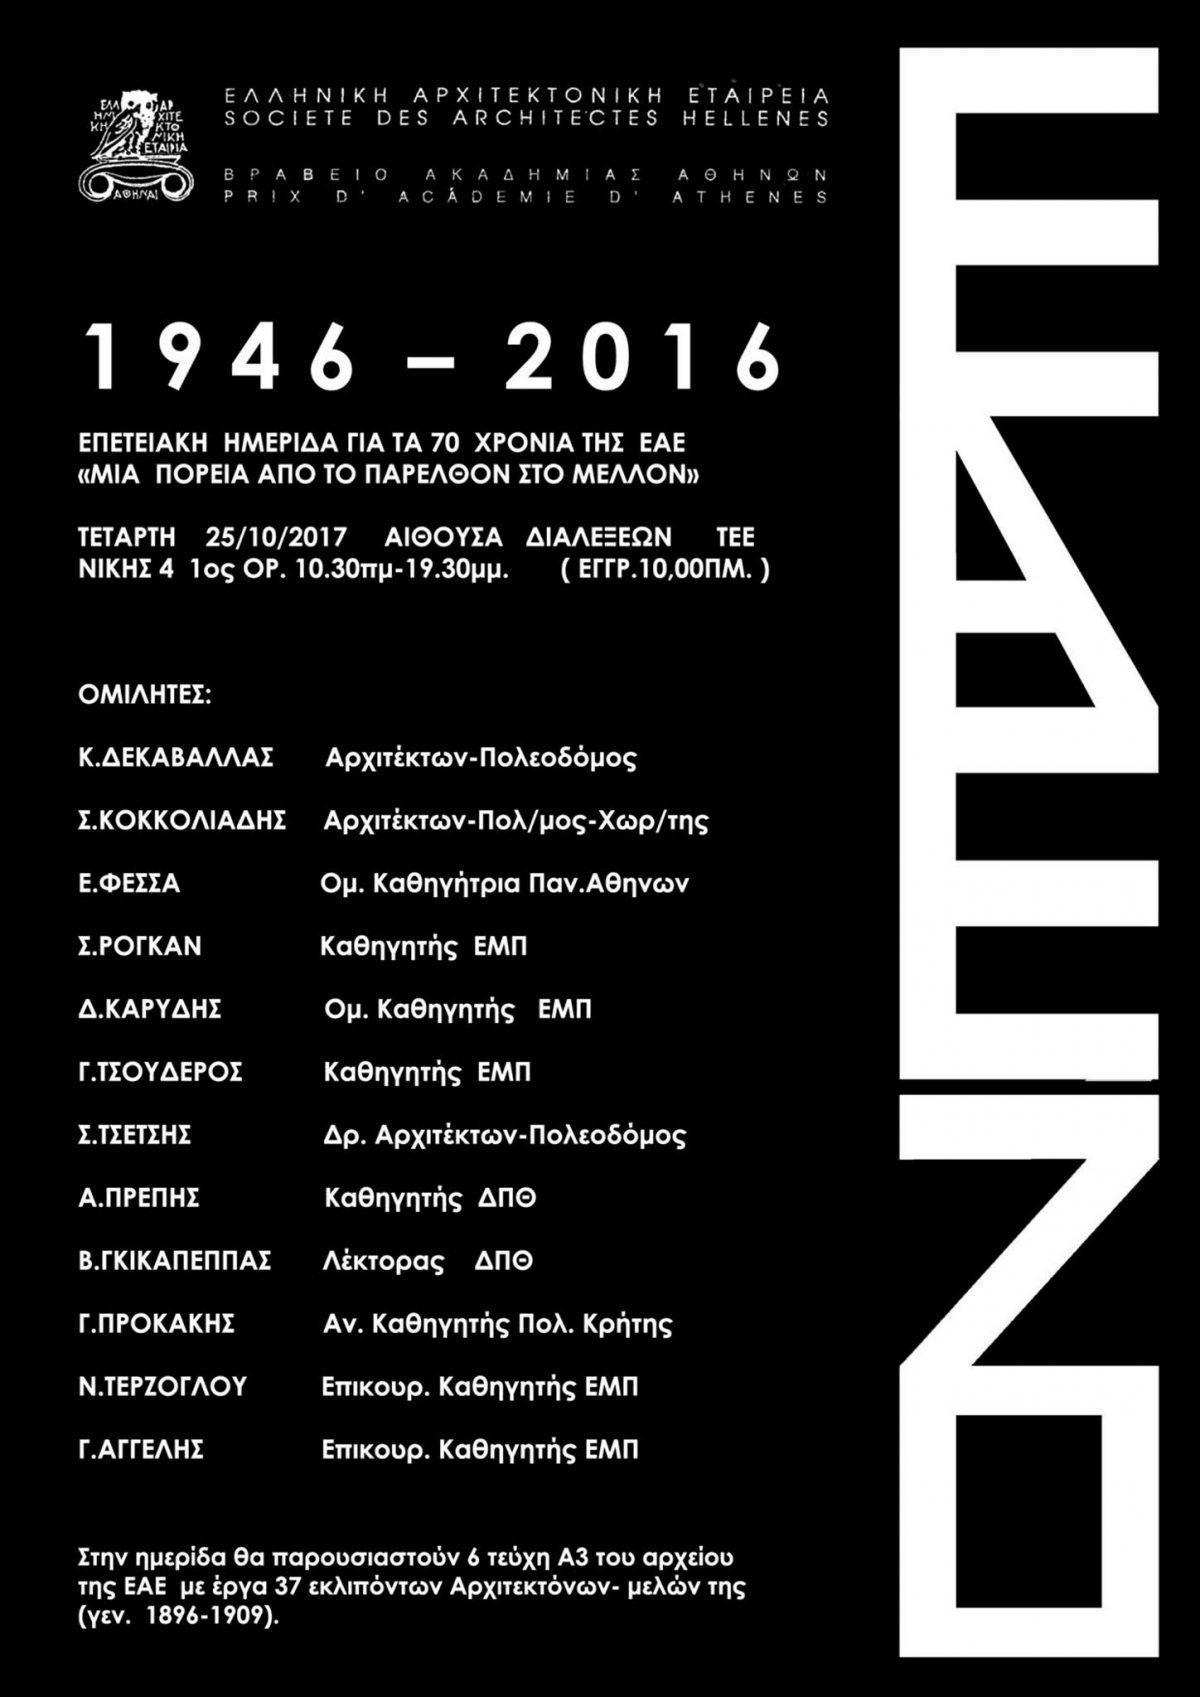 """Επετειακή Ημερίδα για τα 70 χρόνια της Ελληνικής Αρχιτεκτονικής Εταιρείας (ΕΑΕ) (1946 – 2016) """"Μια πορεία από το παρελθόν στο μέλλον"""""""